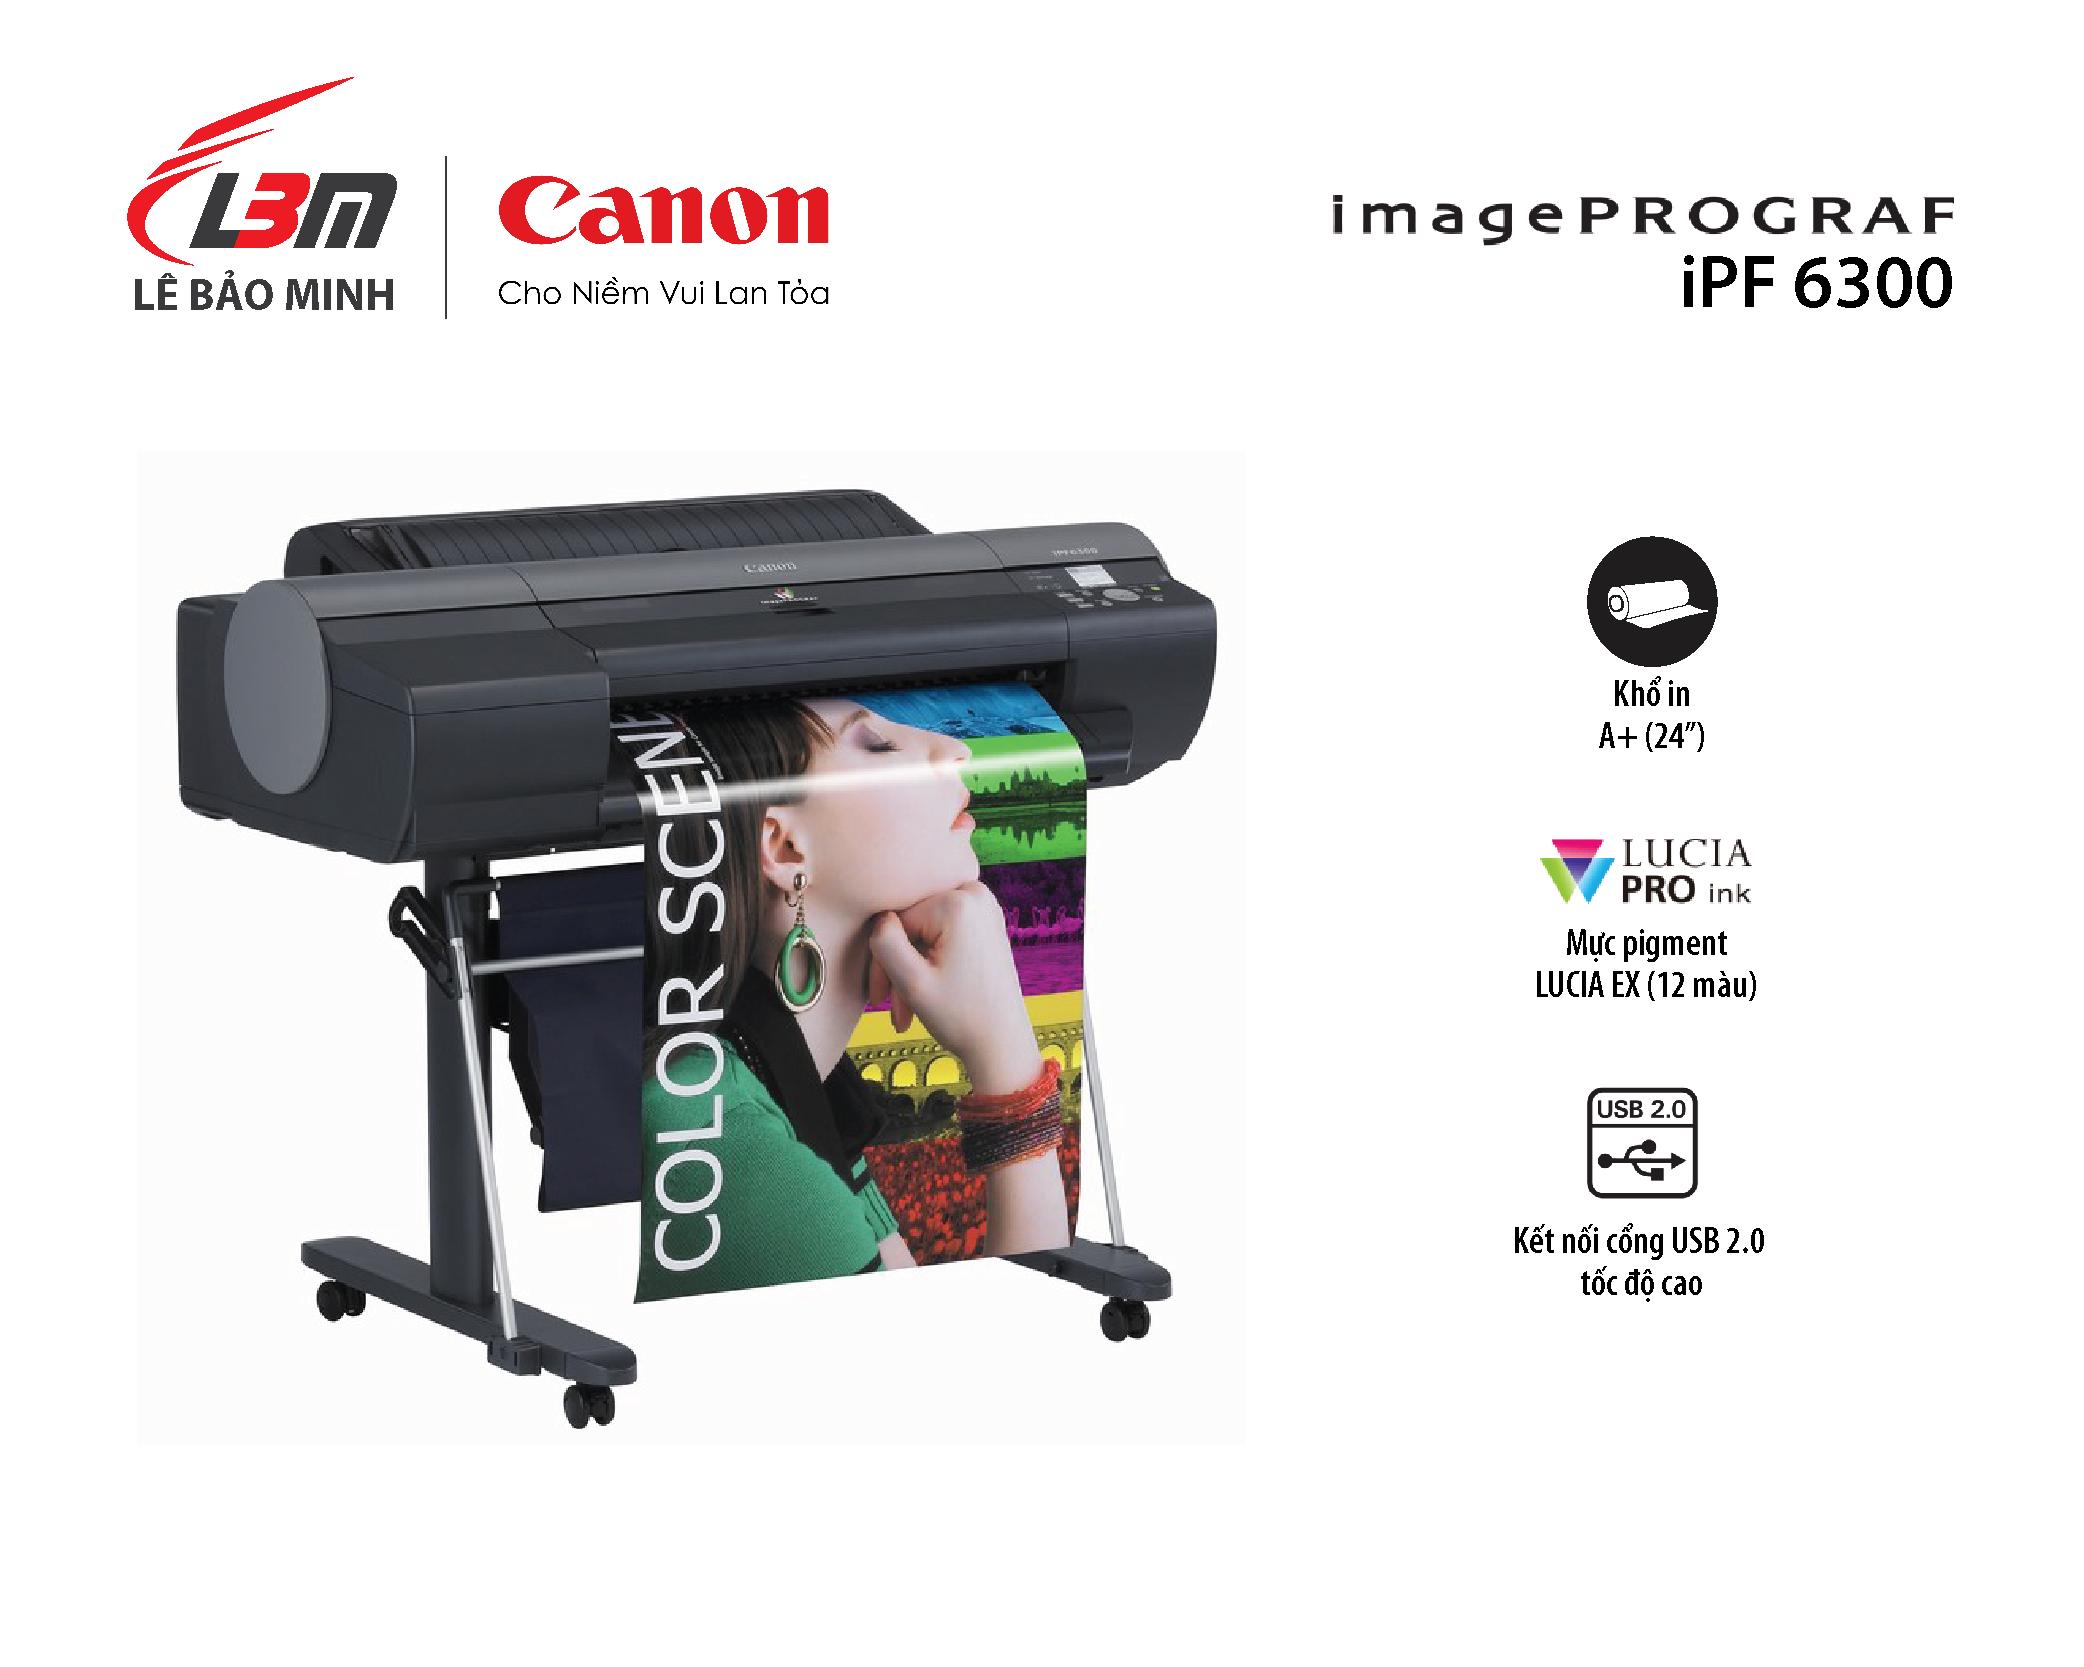 Máy in iPF 6300